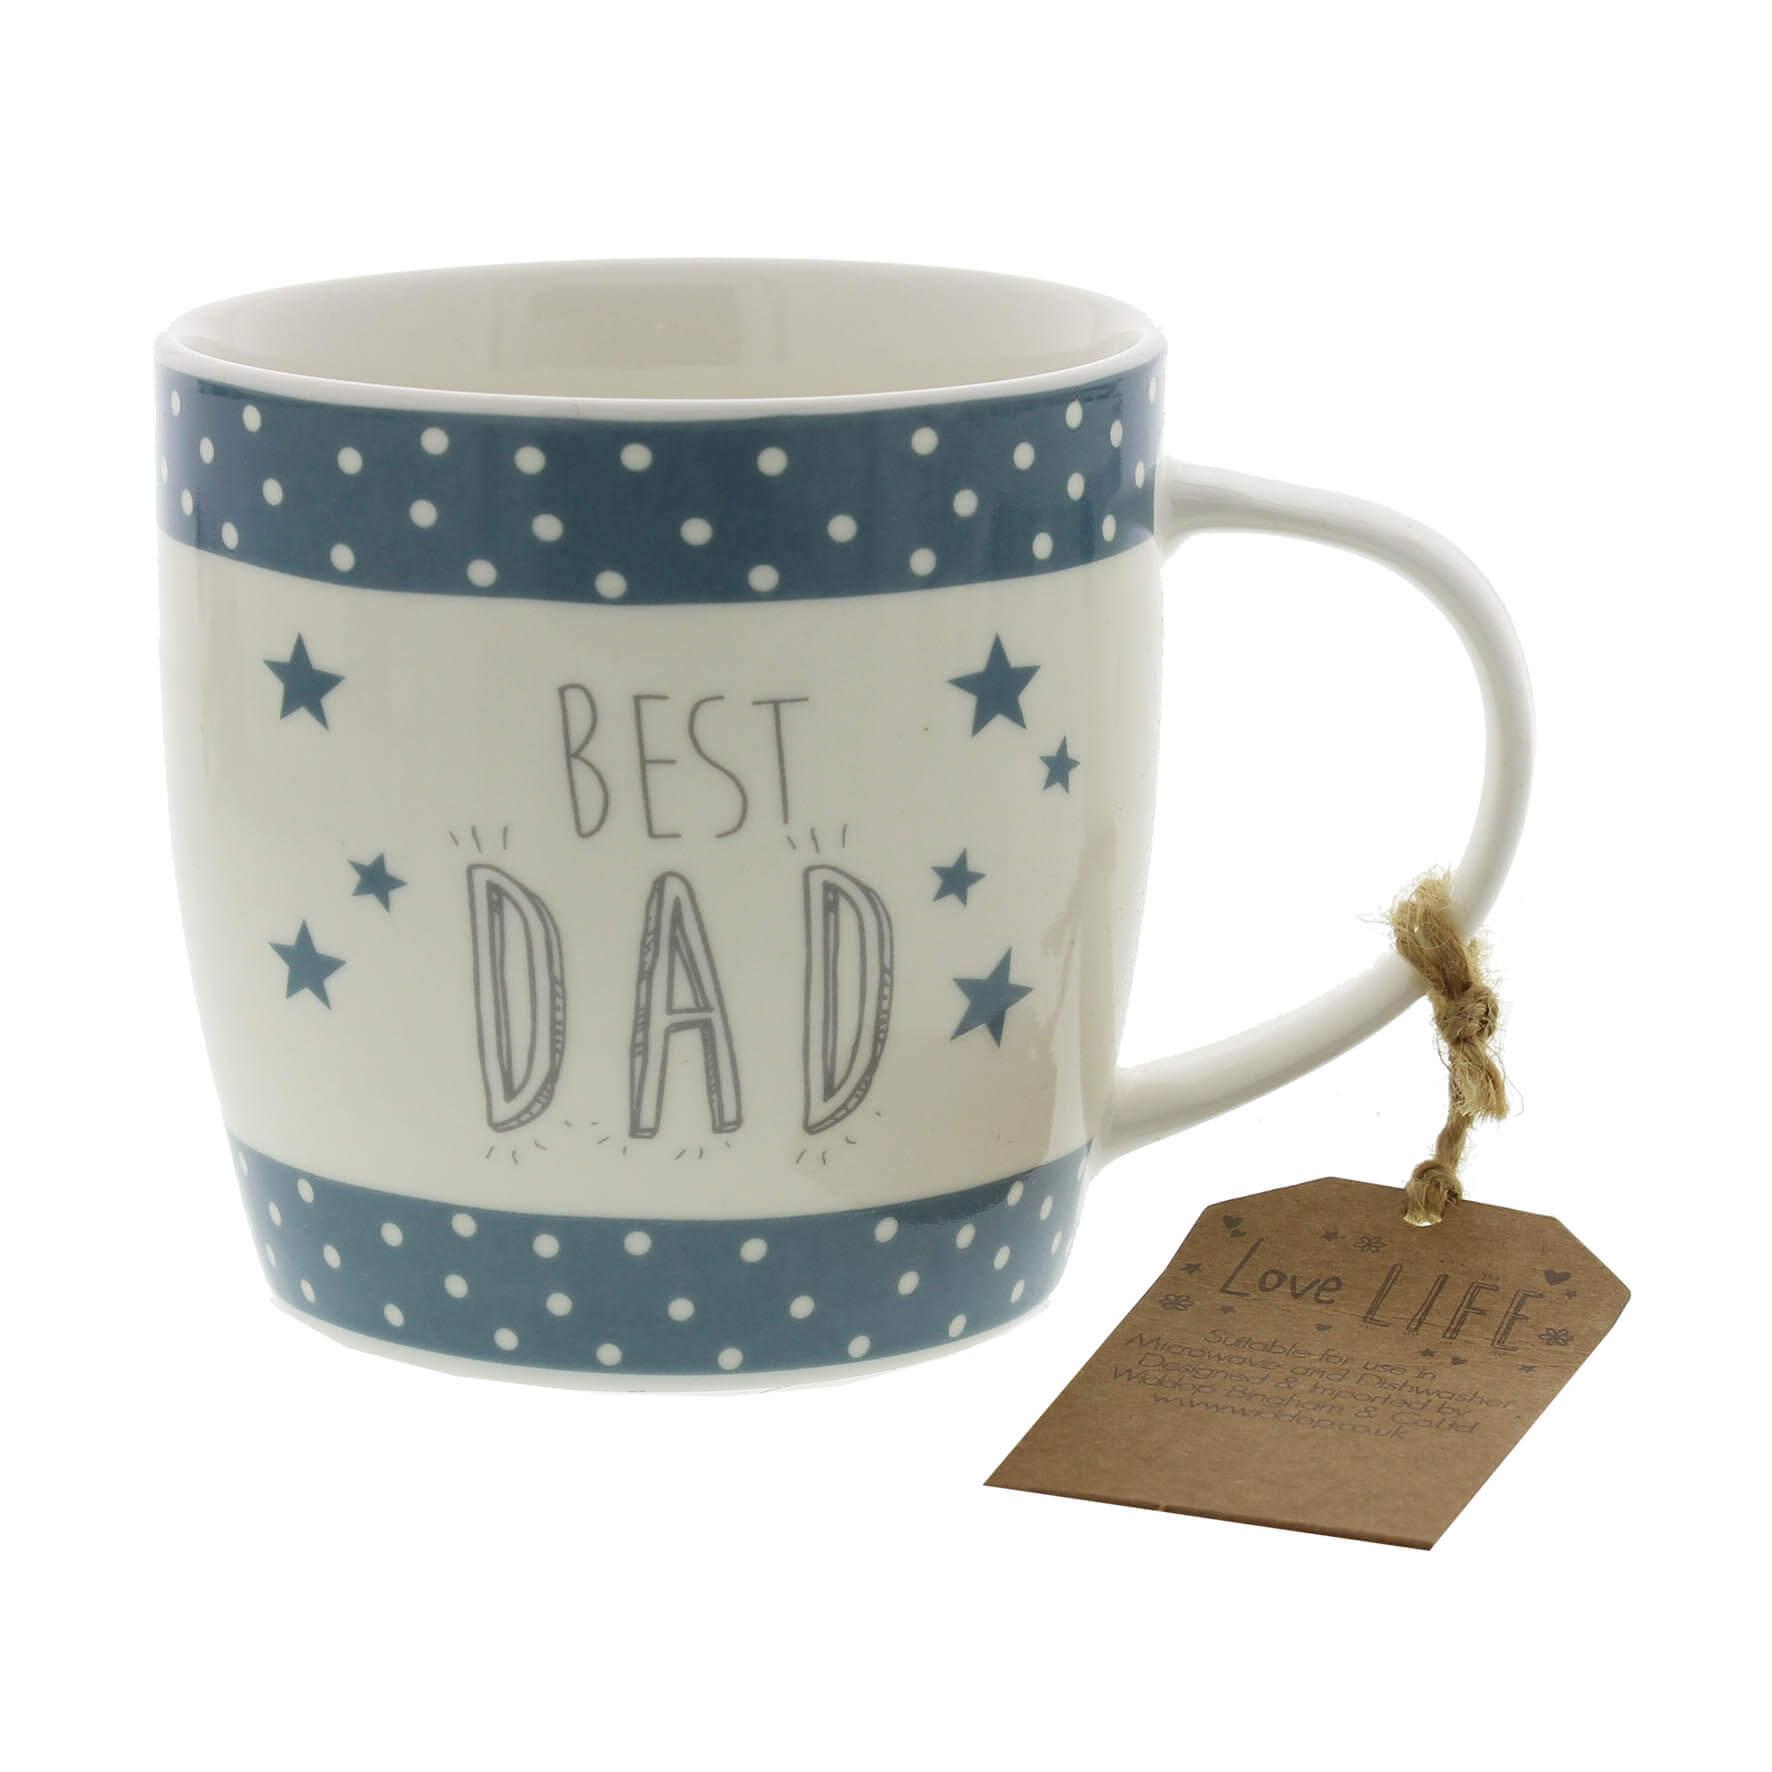 Cana din ceramica Best Dad